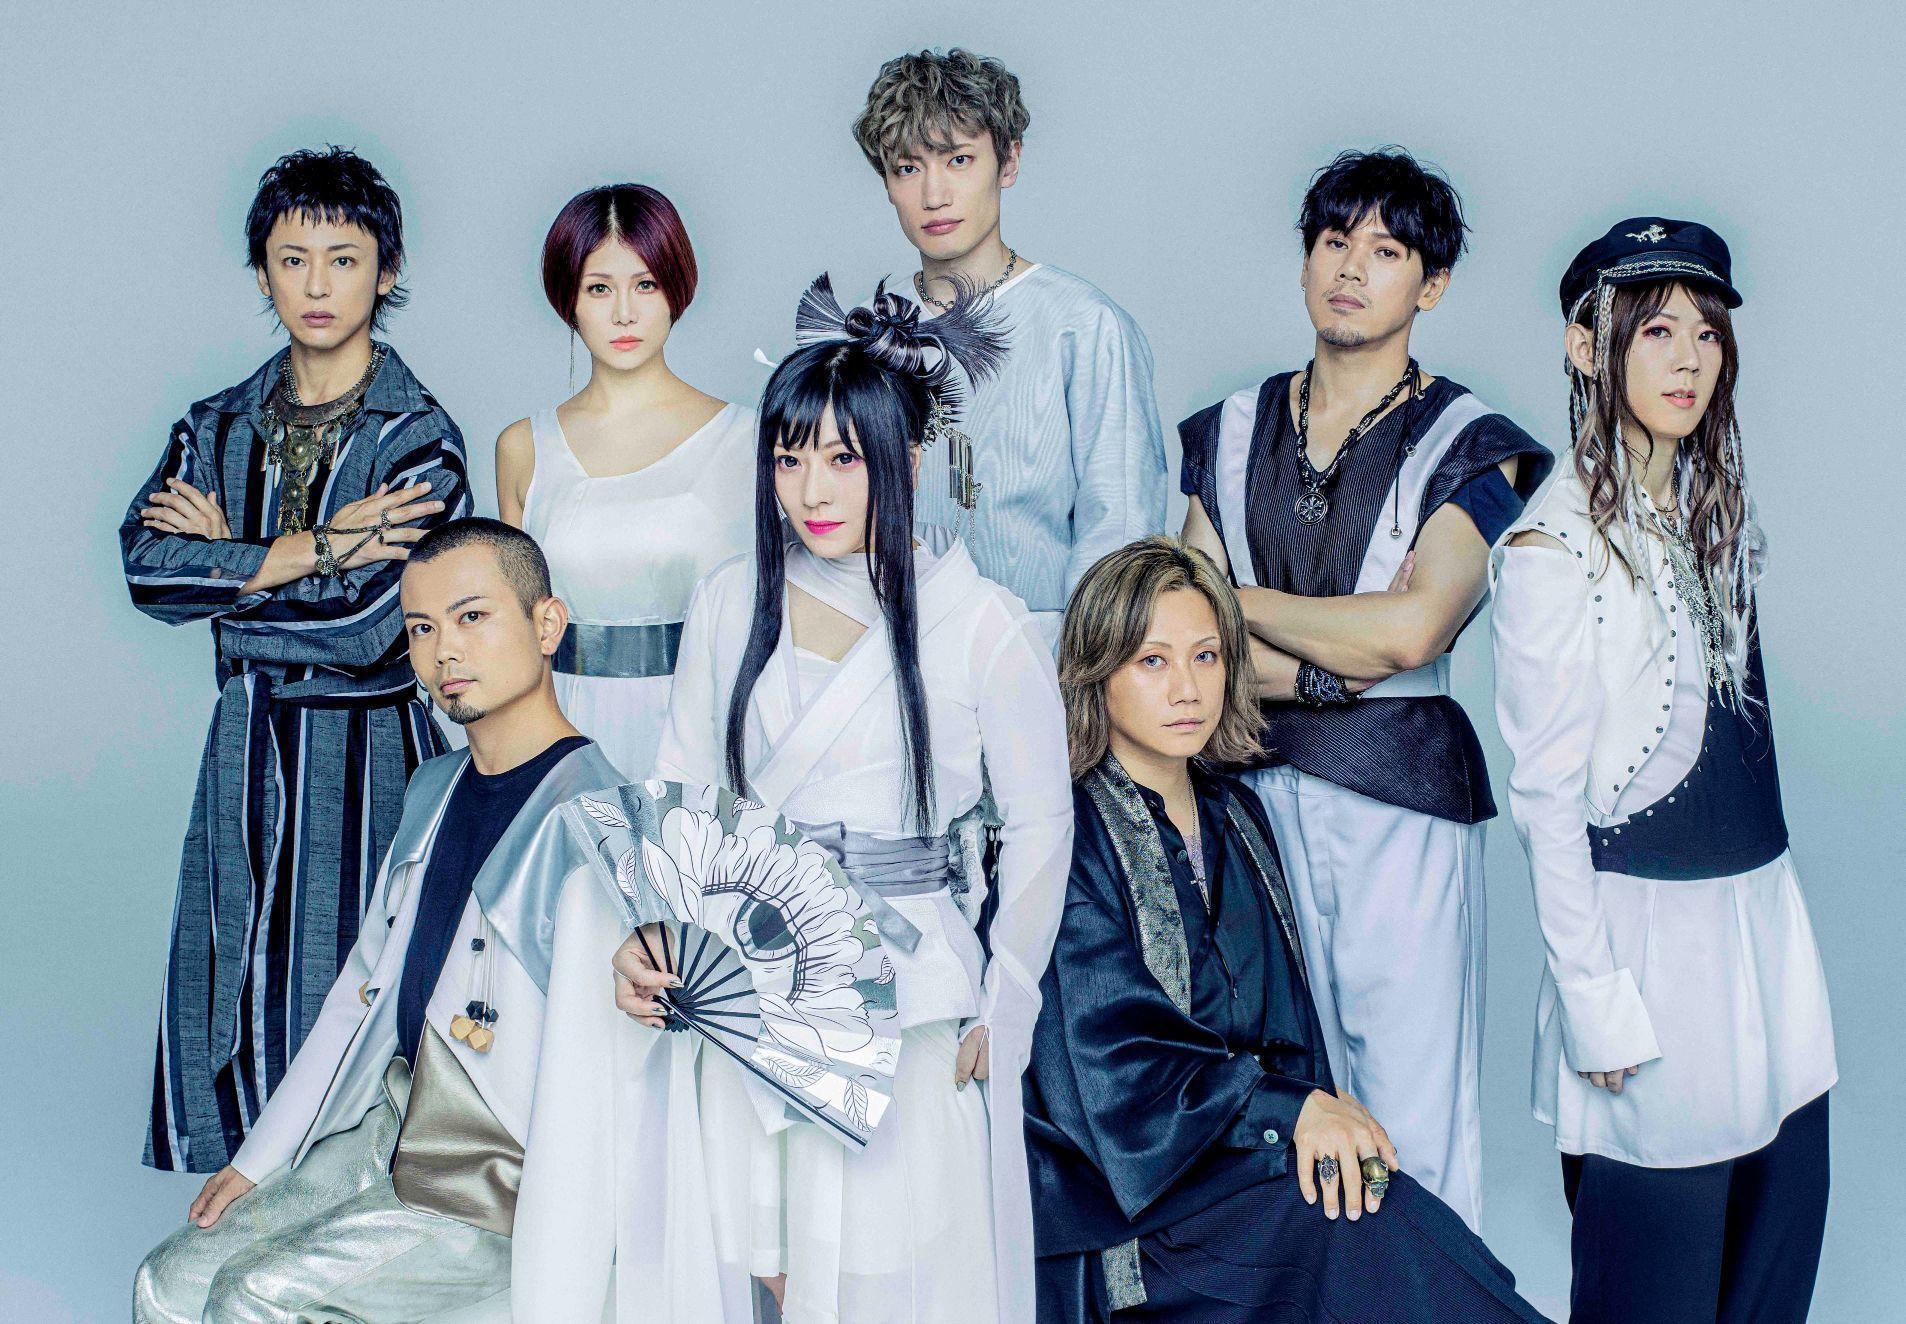 【ゲスト出演】TBS系「CDTVスペシャル!年越しプレミアライブ2019→2020」